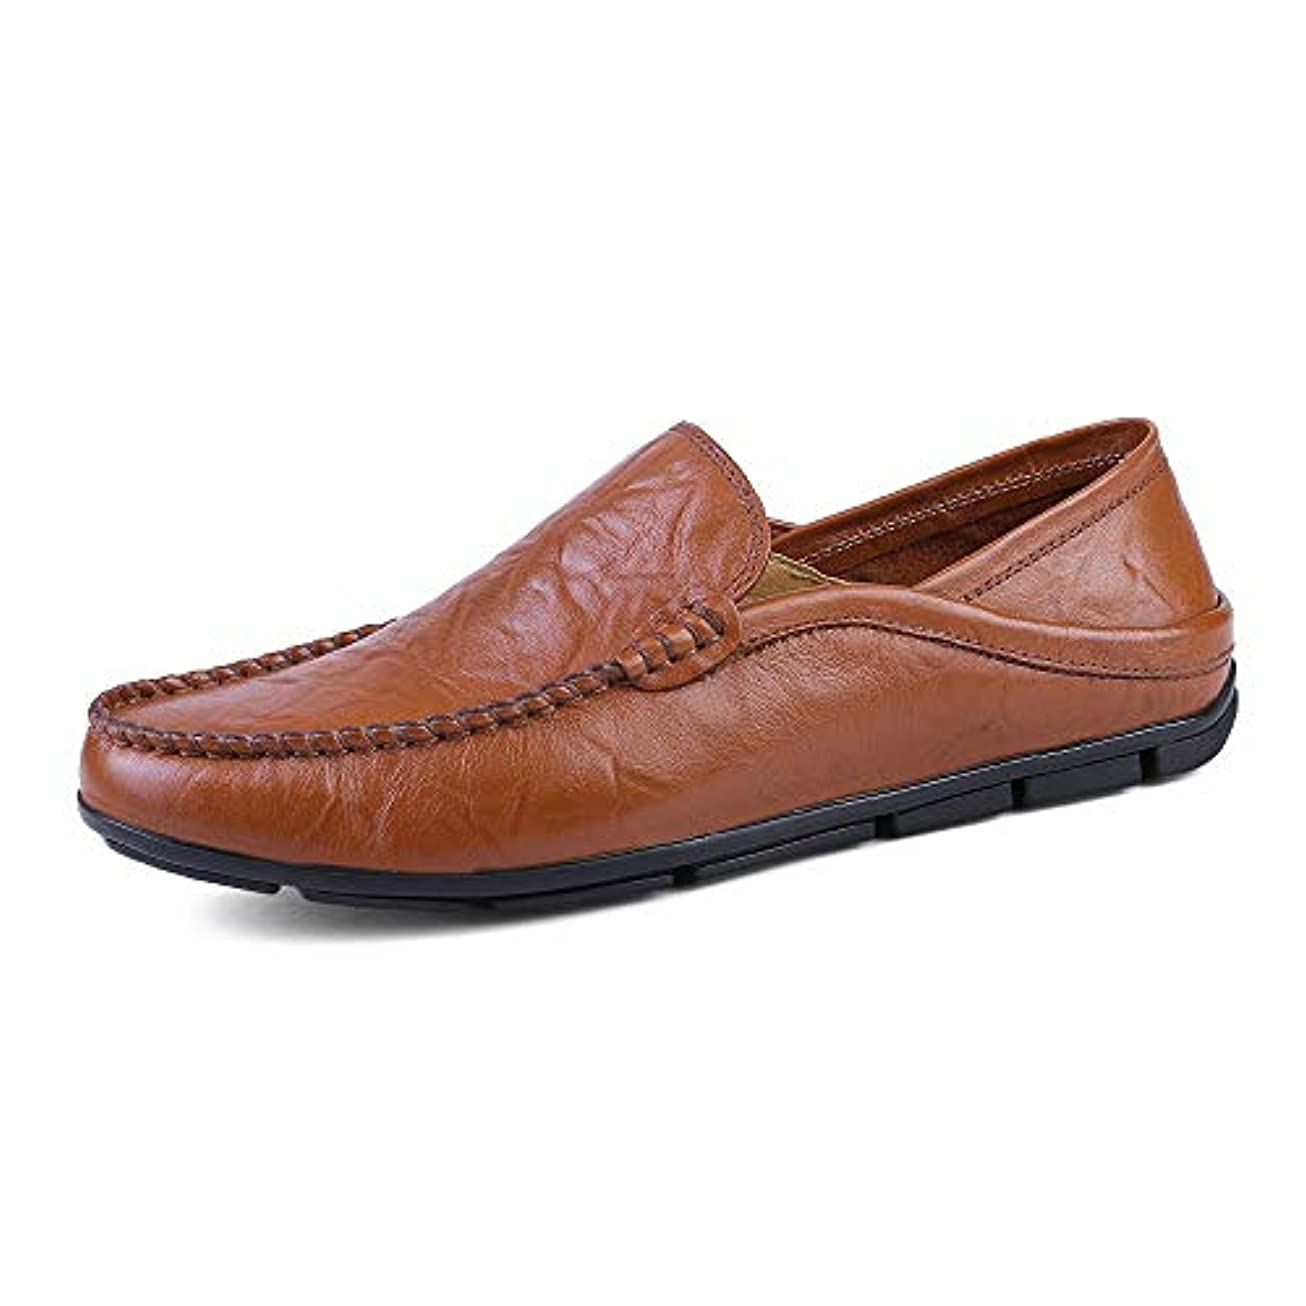 呼び起こす苦有力者メンズ 革靴 ファッション  モカシン ウェーブソール ソフト 軽量 スリッポン スリップ  ドライビングローファー 通気 (Color : 褐色, サイズ : 23.5 CM)